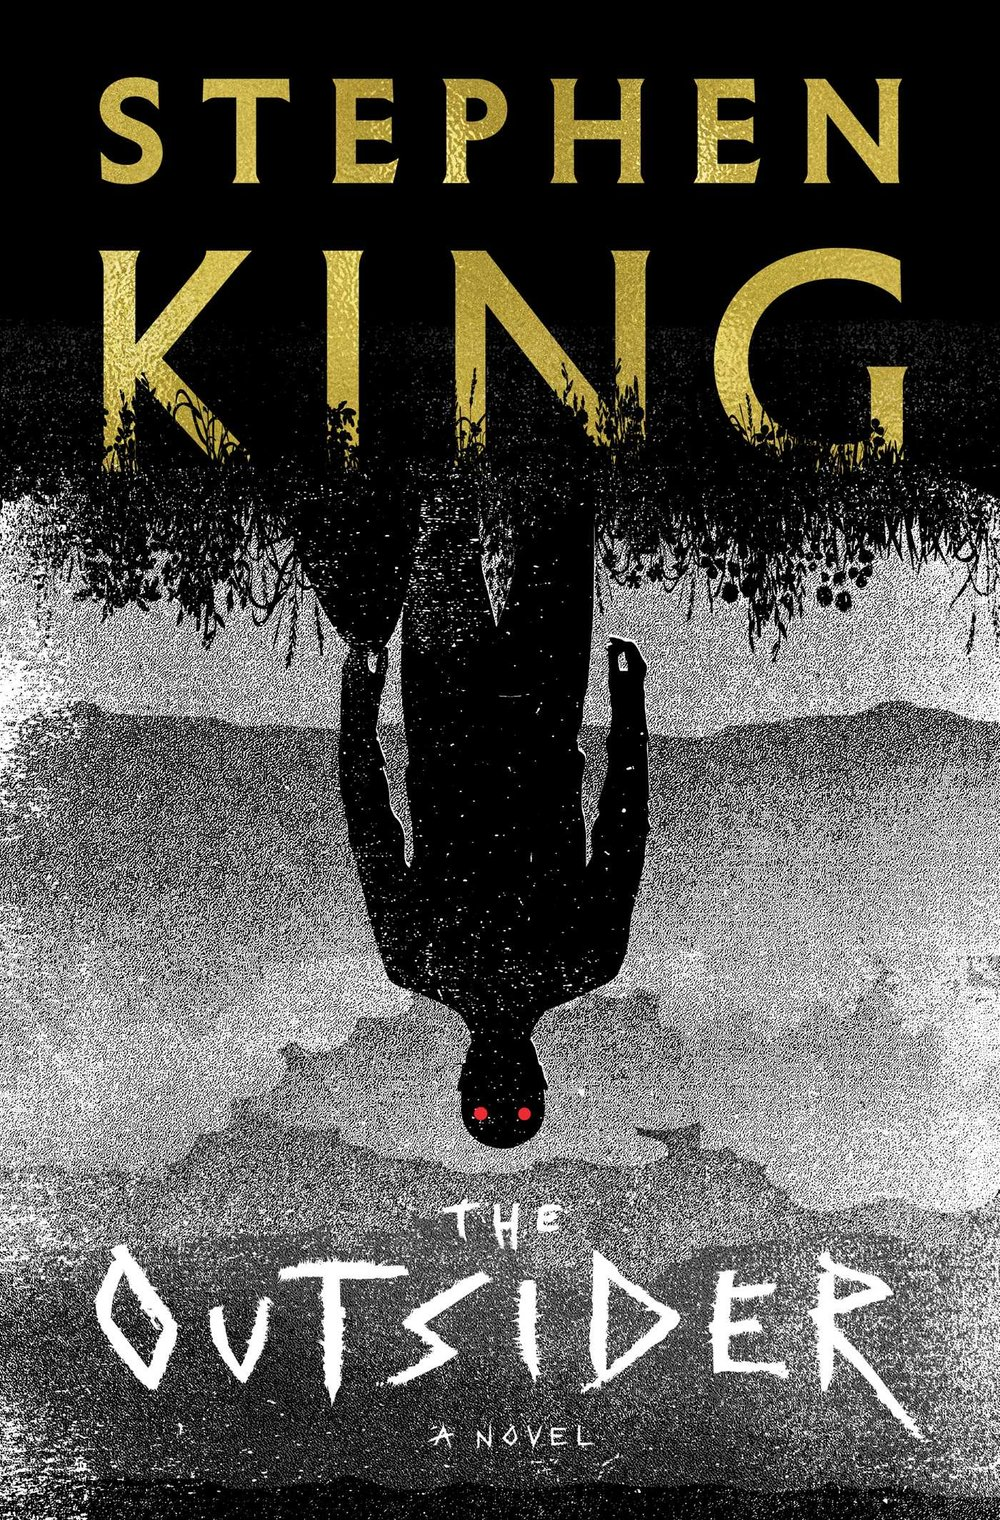 the outsider_stephen king.jpg